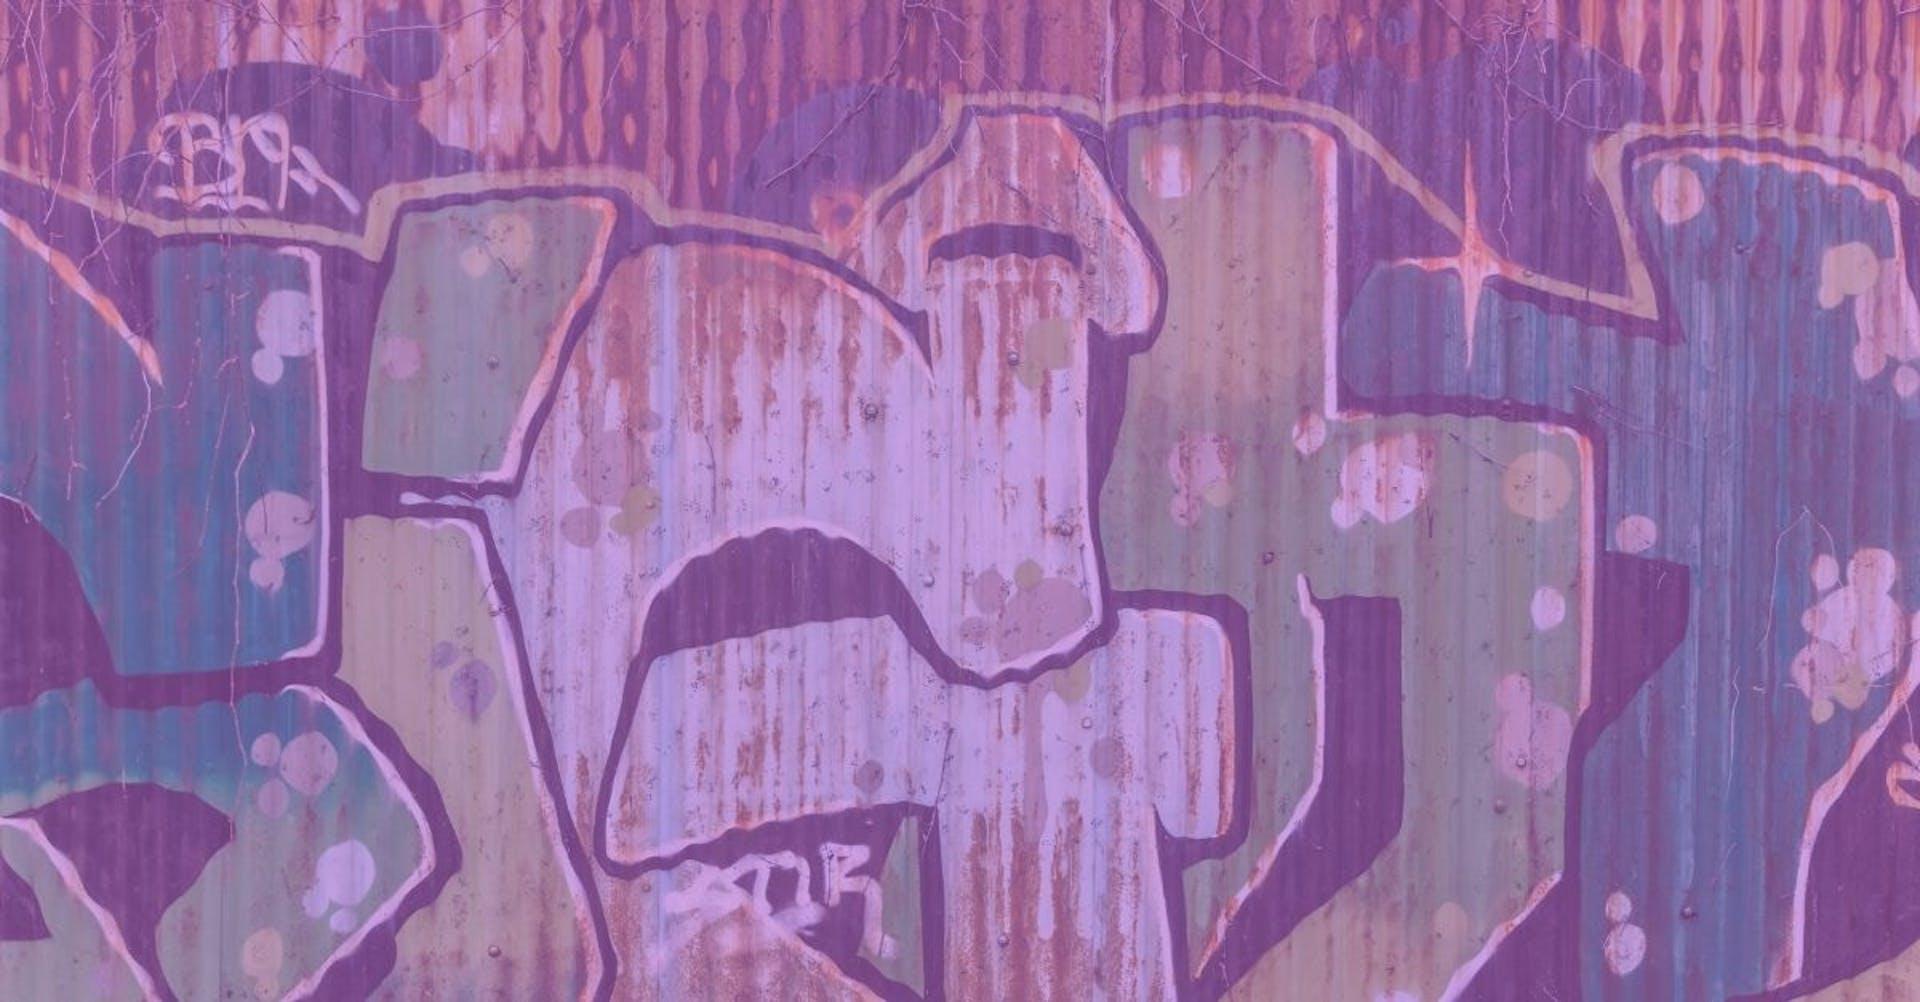 La calle habla a través de su arte: Descubre qué es el arte urbano y cómo comenzó